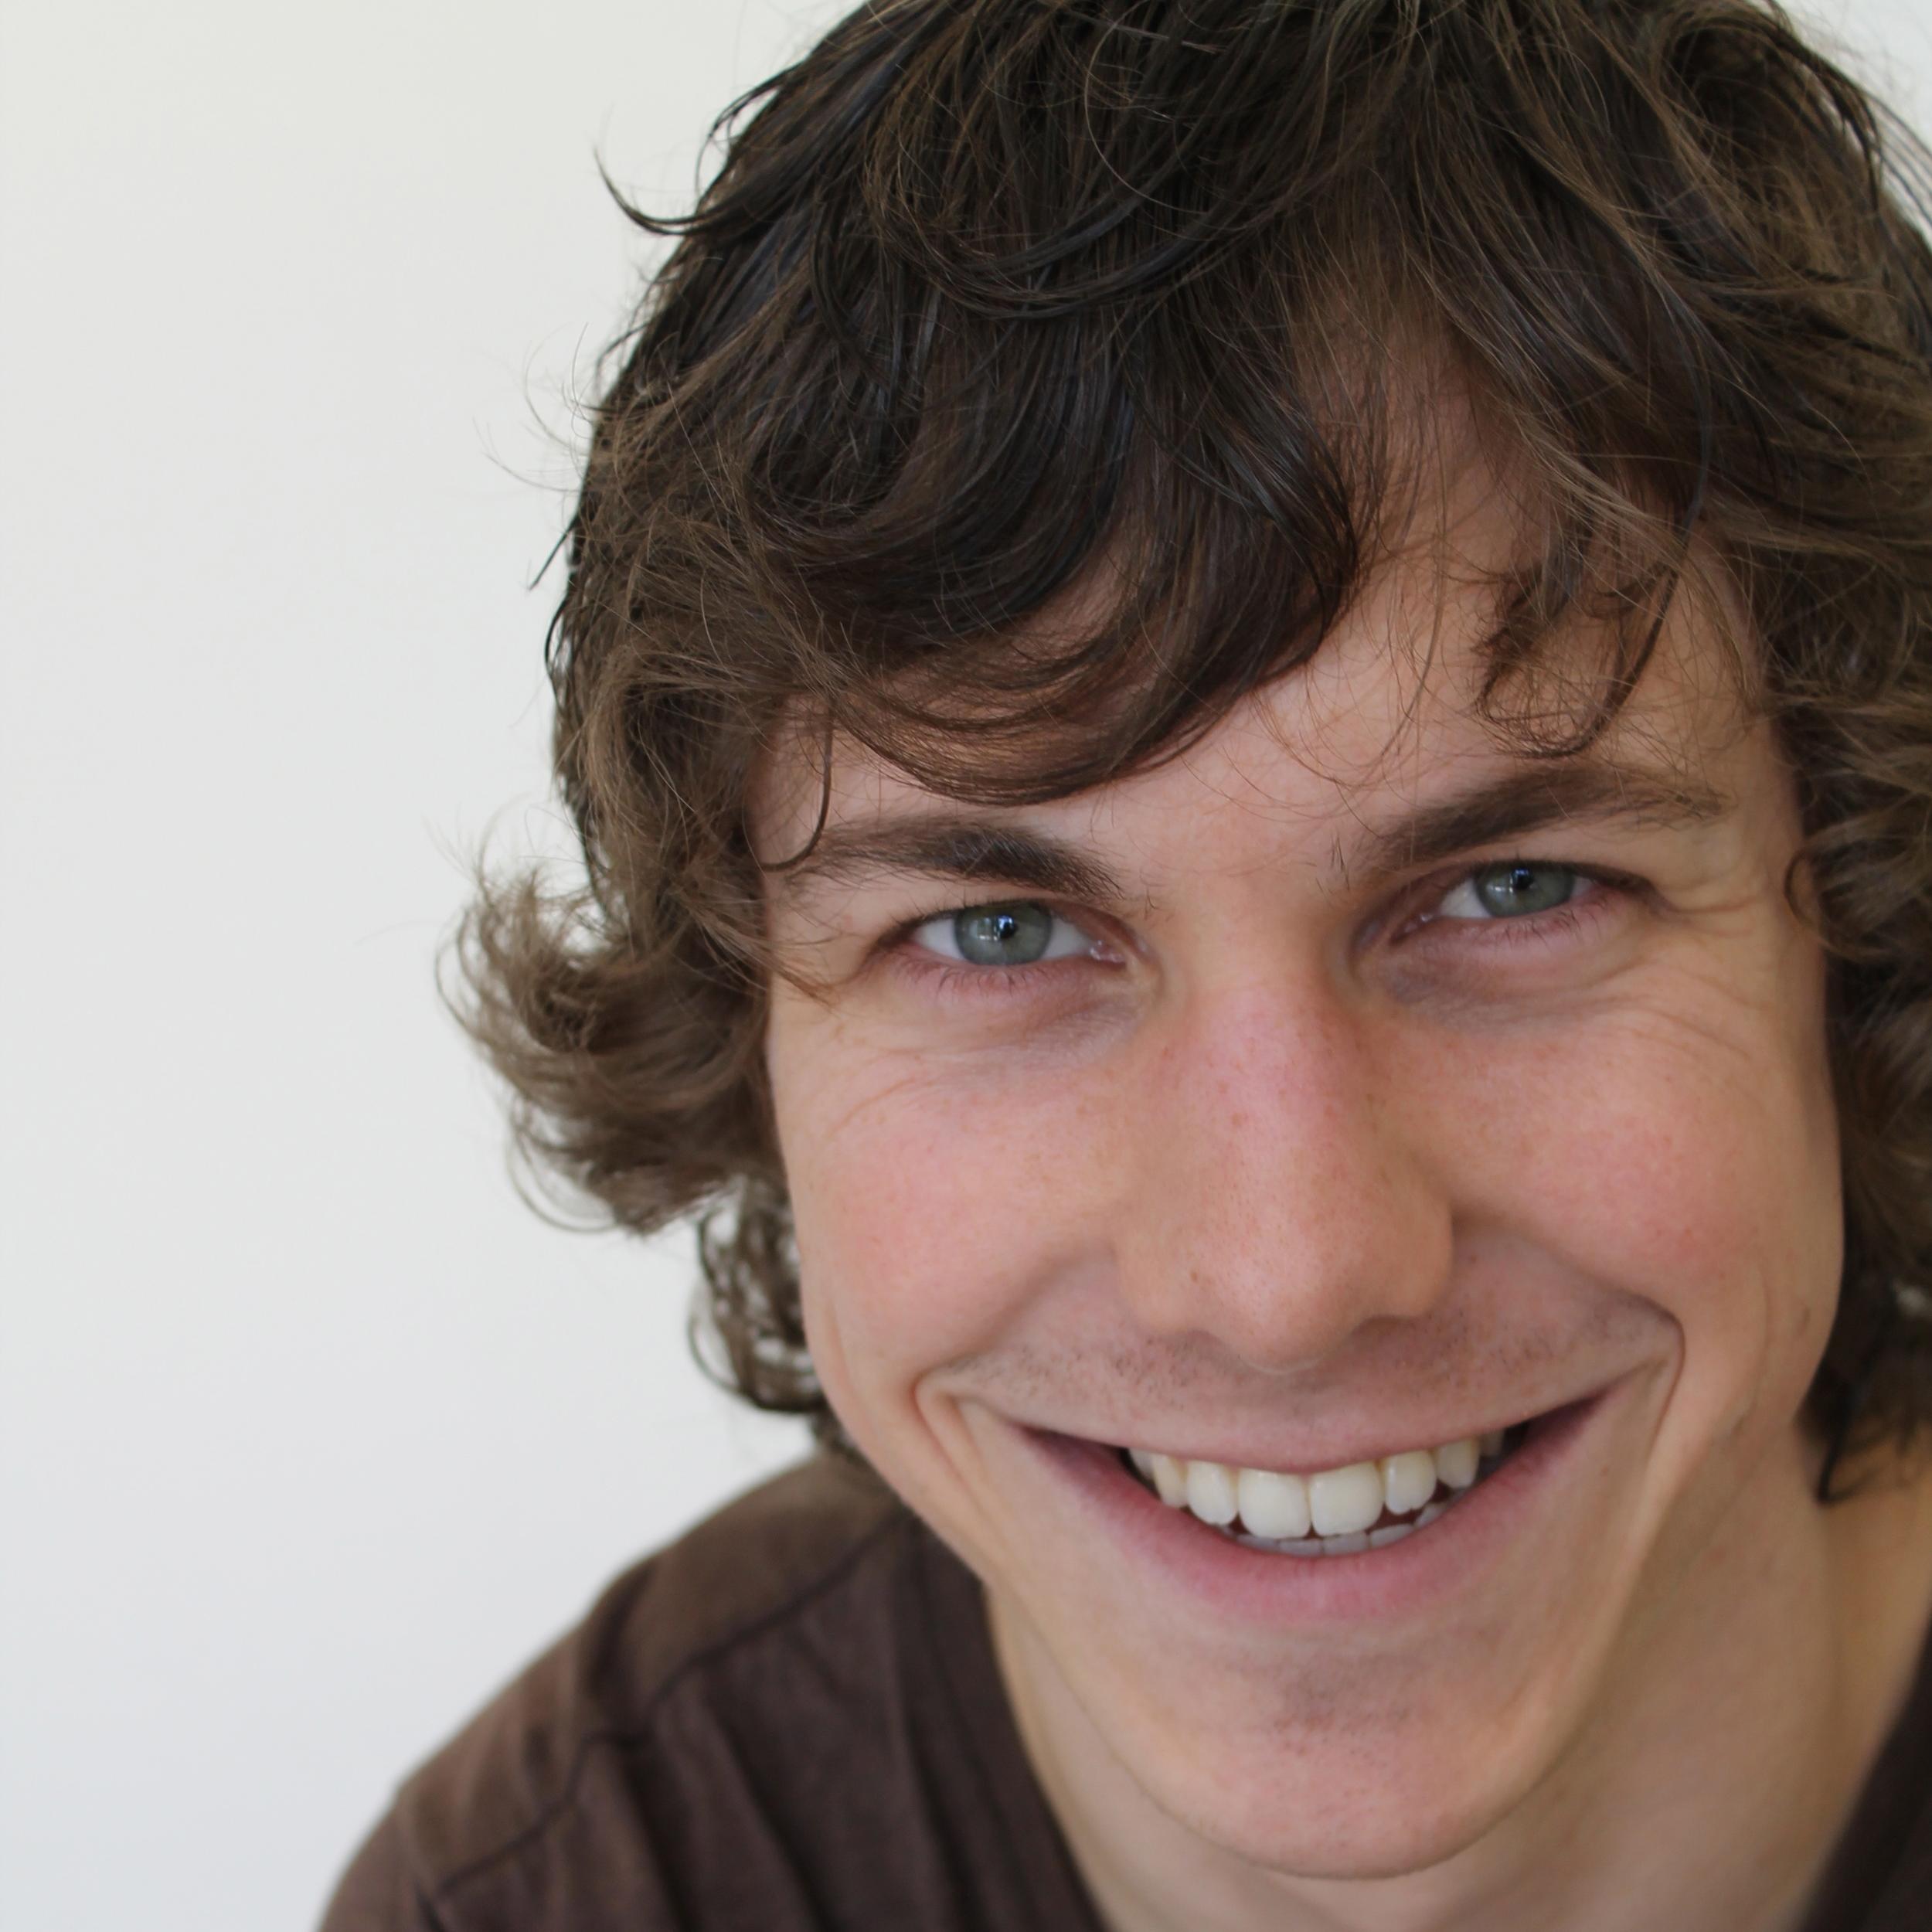 Stephen Wagener Bennett